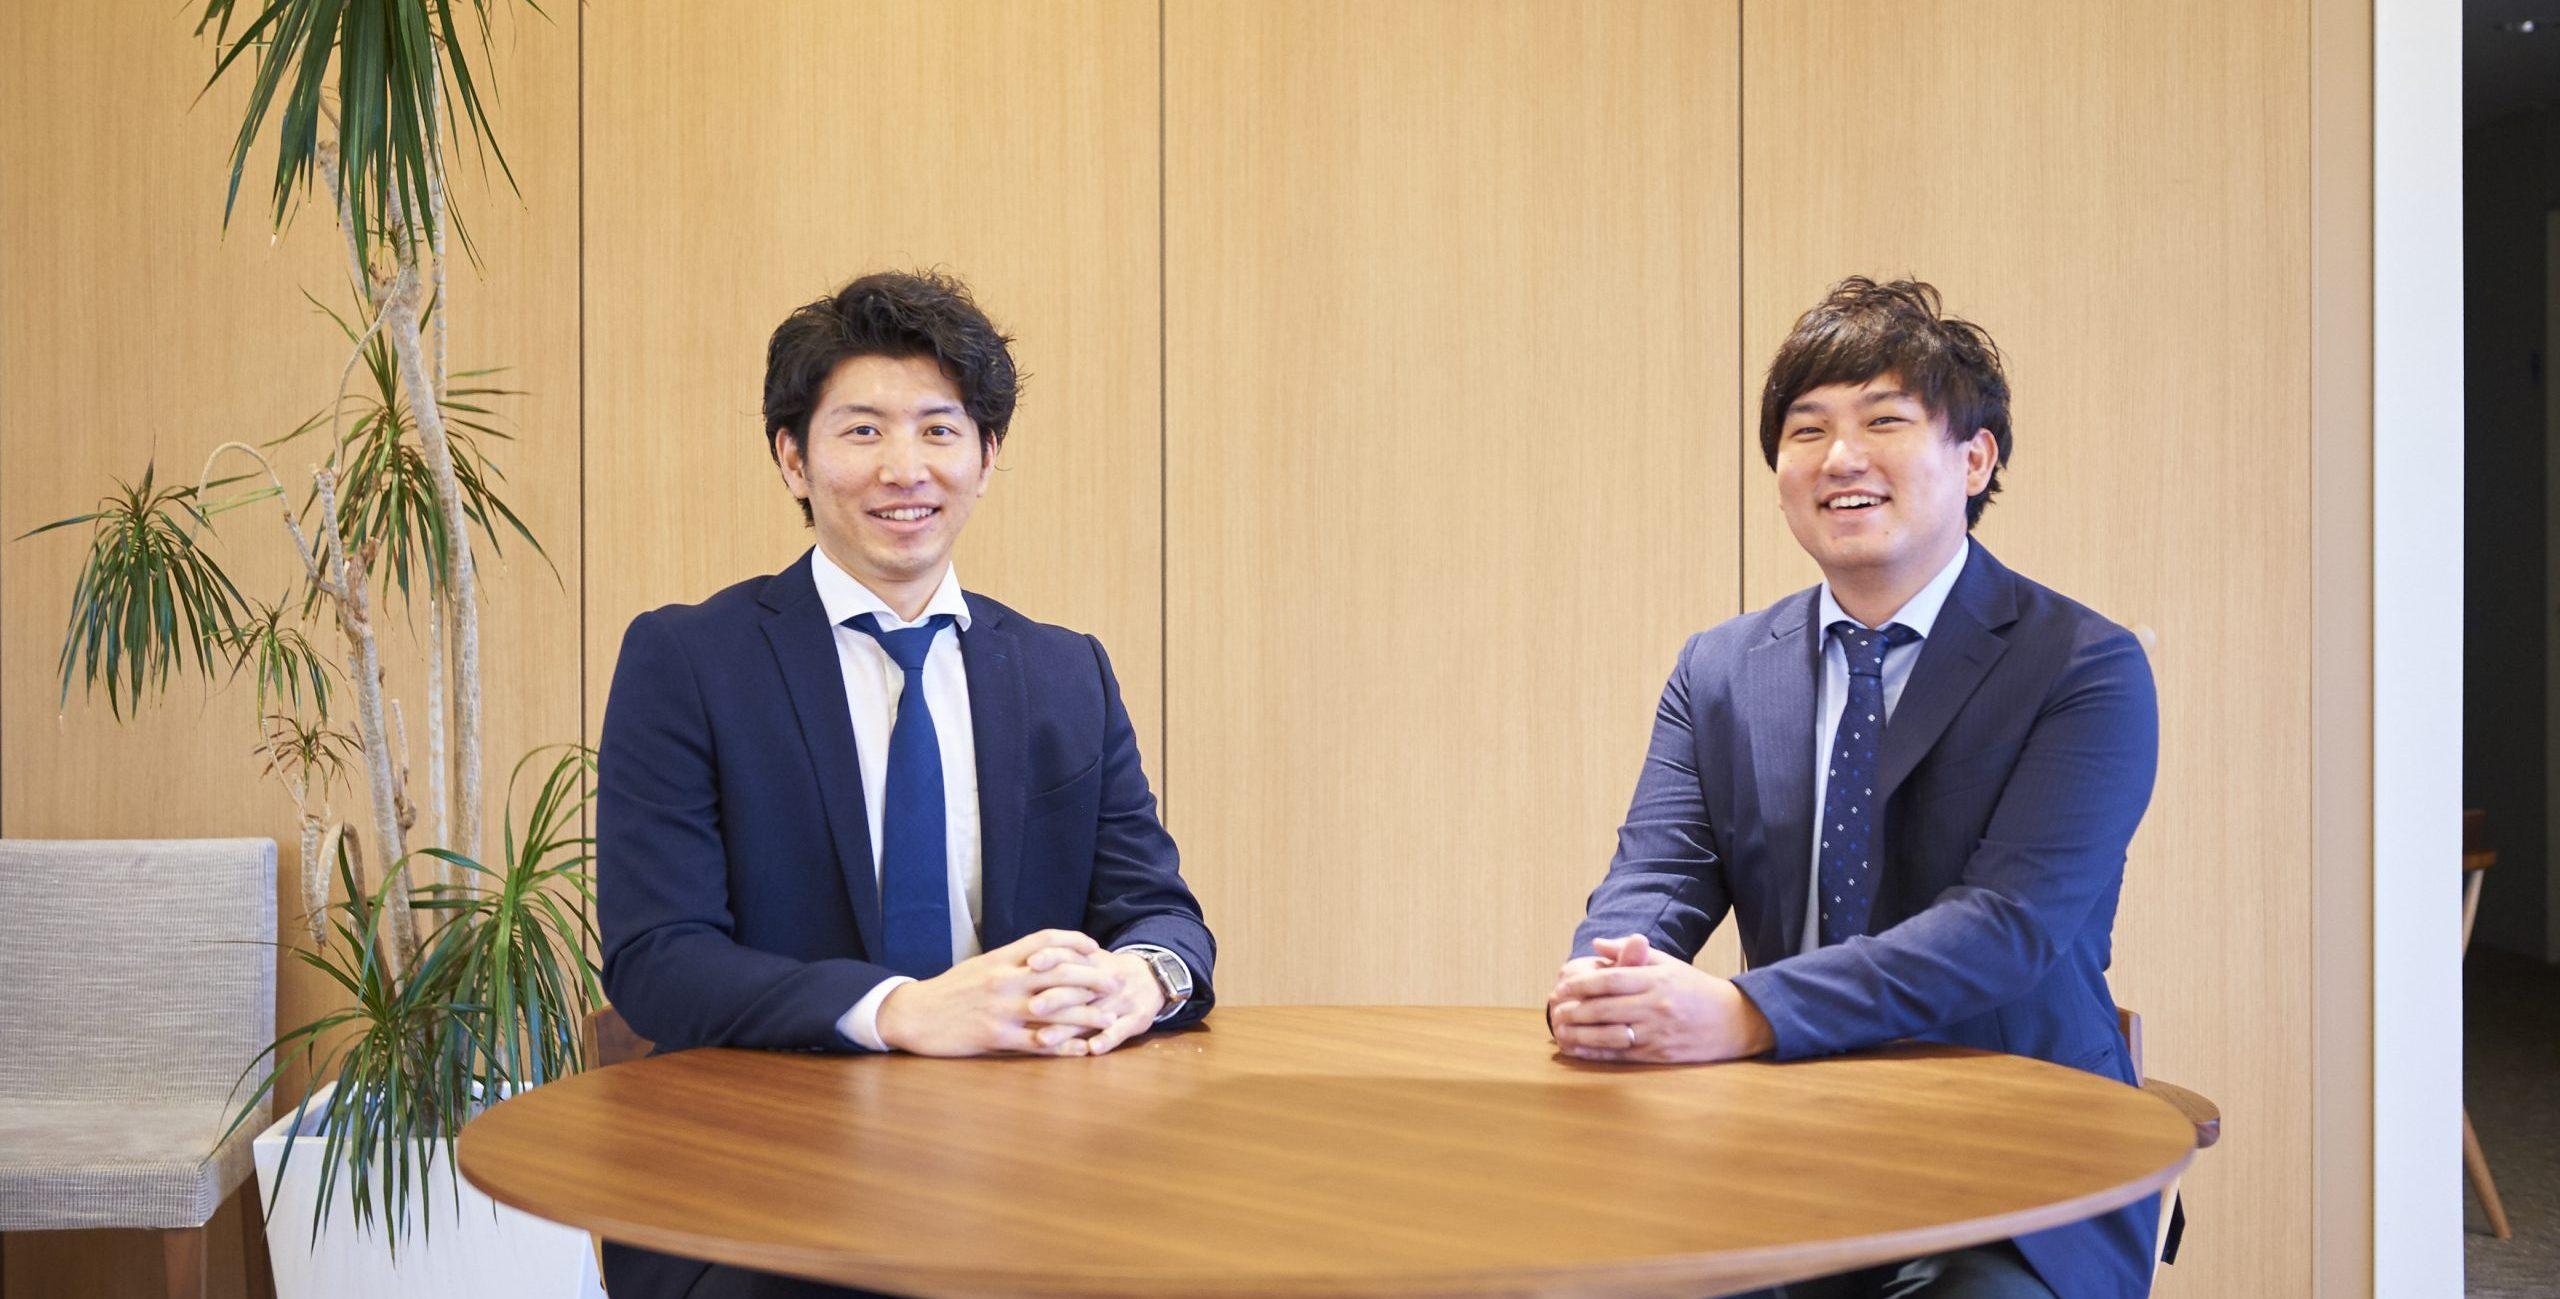 人の幸せを支える部<br>採用担当:添田 亮太、吉田 拓哉